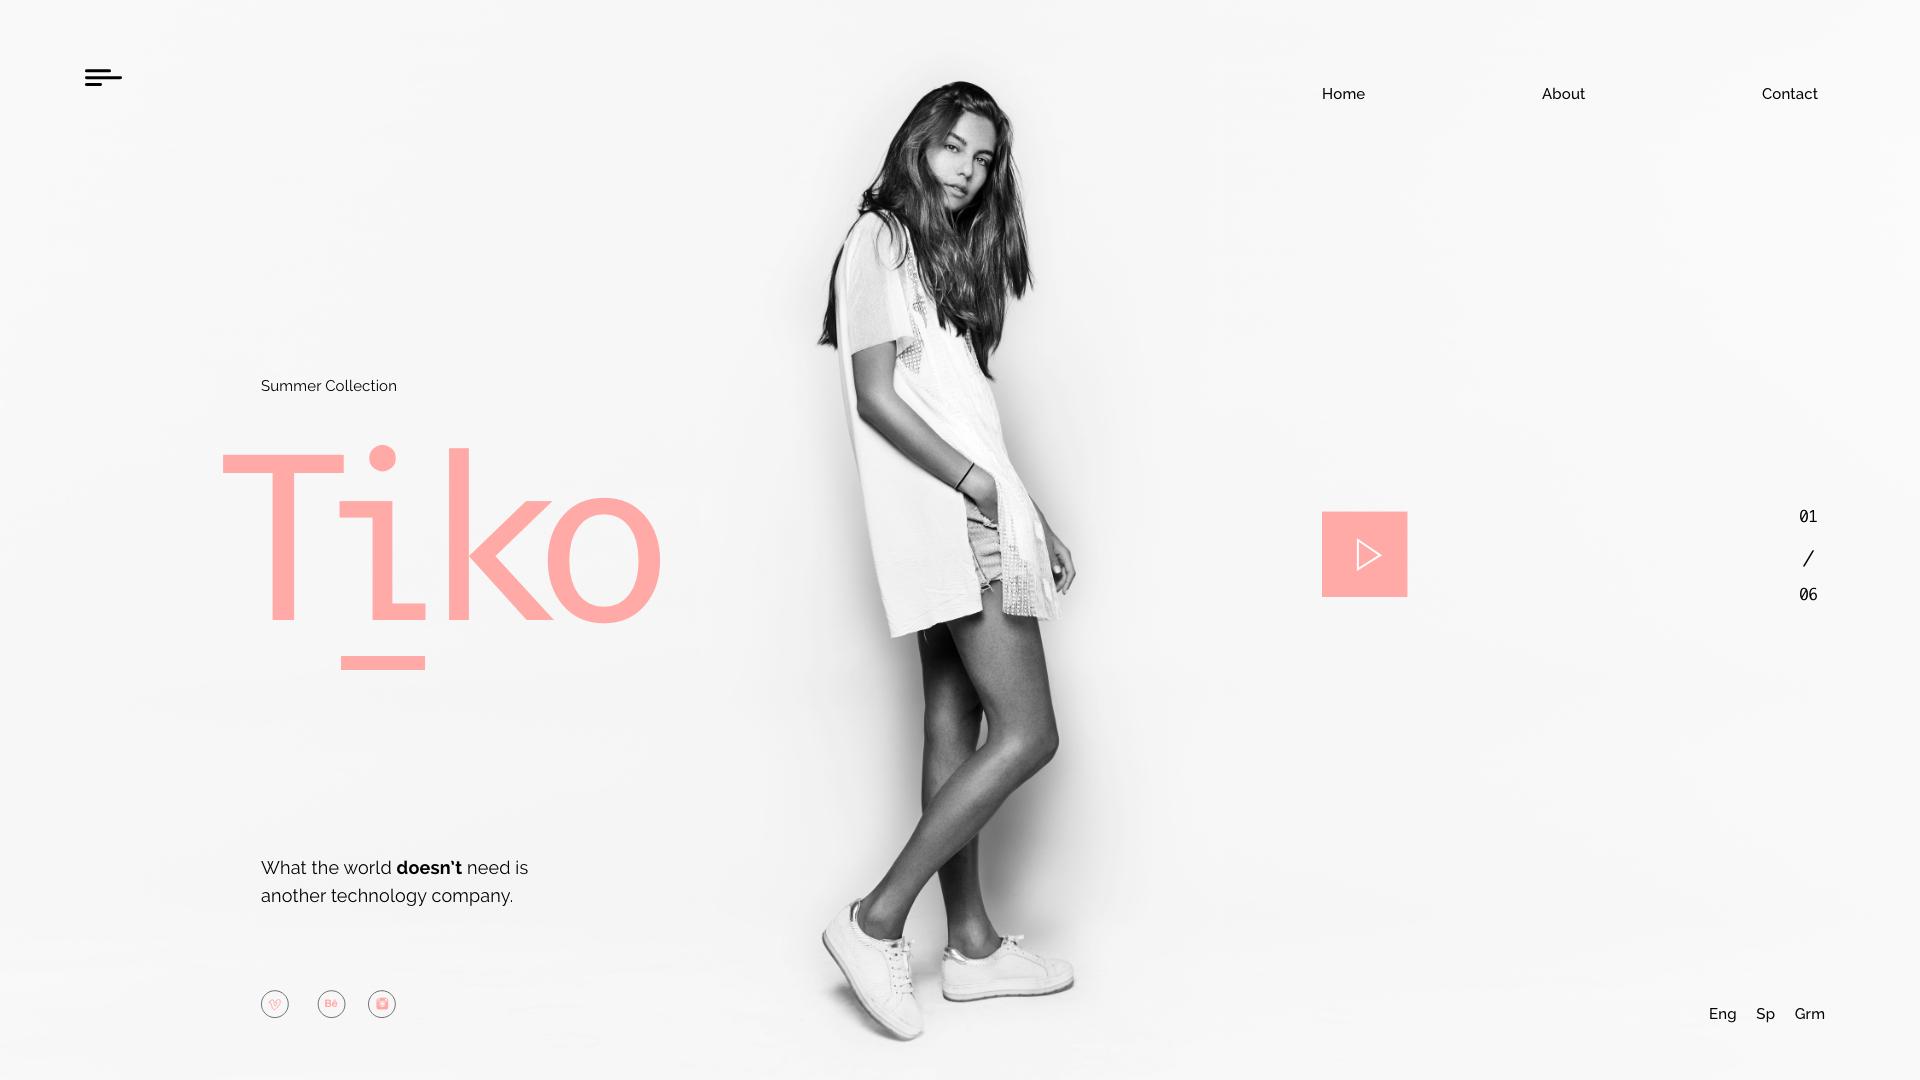 Tiko-Home-Page-01.1.jpg